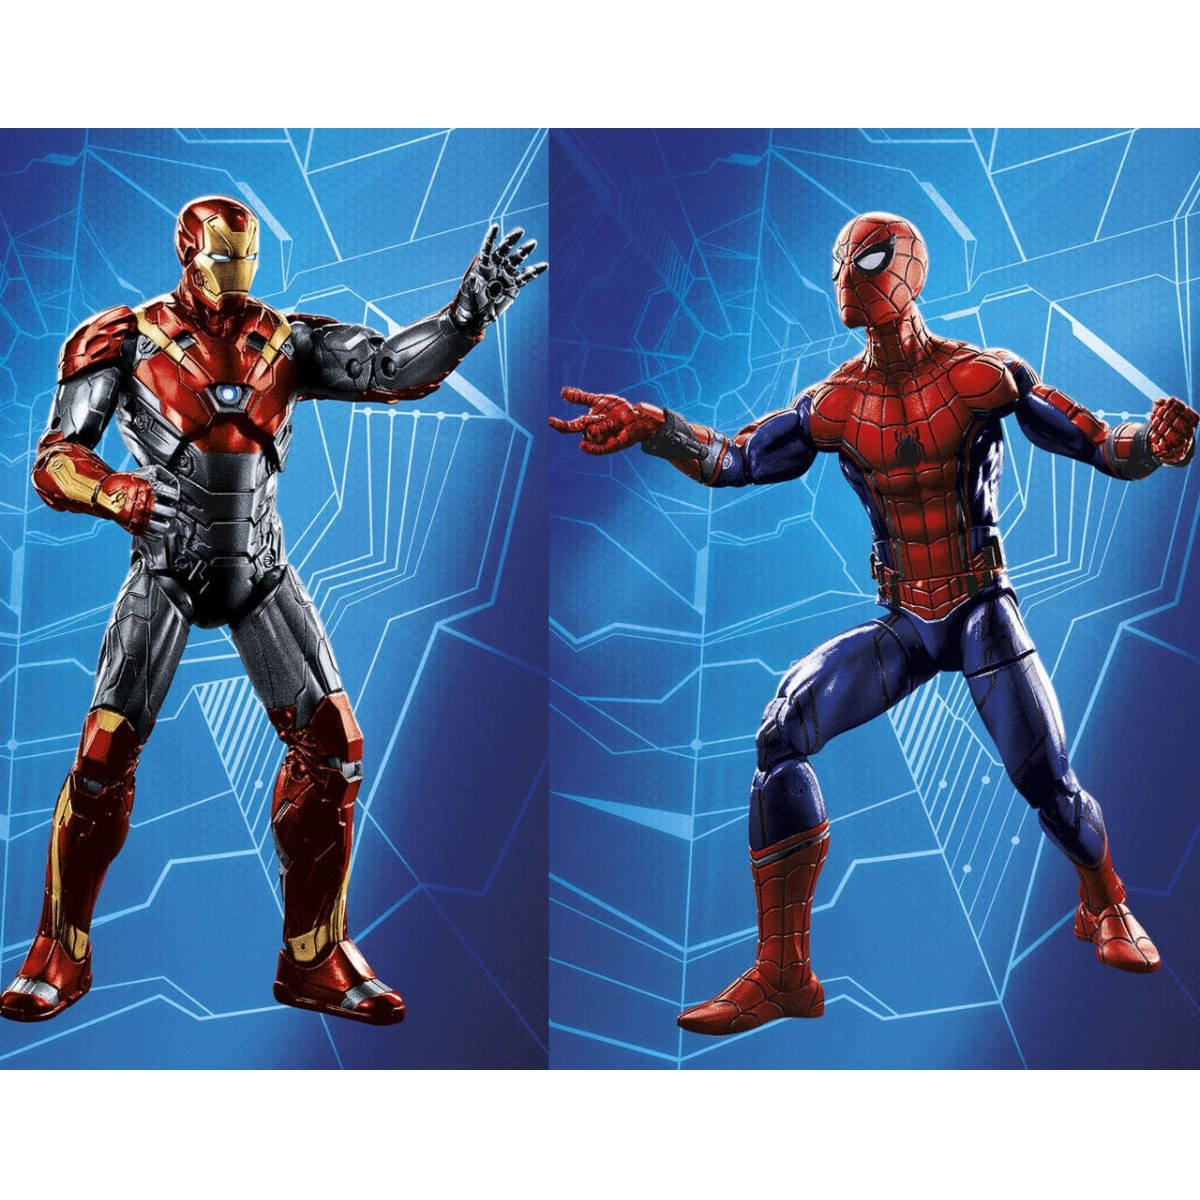 EM BREVE: Boneco Homem-Aranha e Homem de Ferro: Homem-Aranha de Volta ao Lar (Spider-Man Homecoming) (2-Pack) - Hasbro